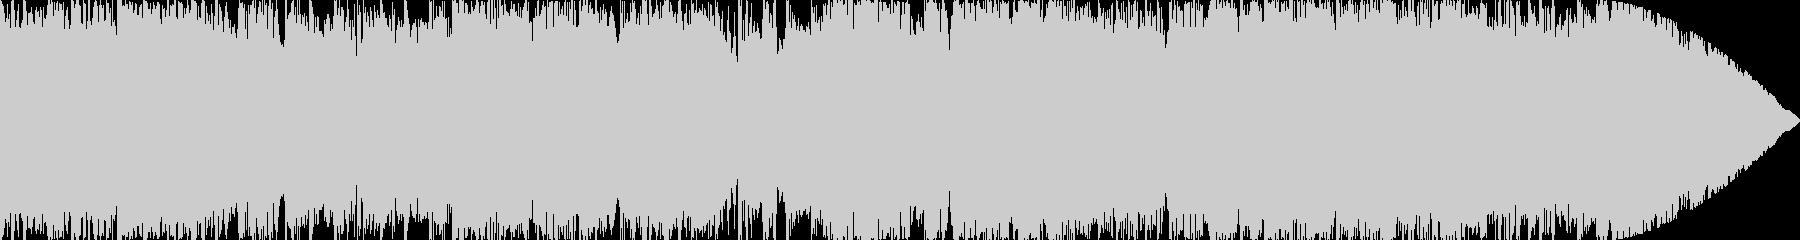 高エネルギーの歌ニルヴァーナスタイルの未再生の波形